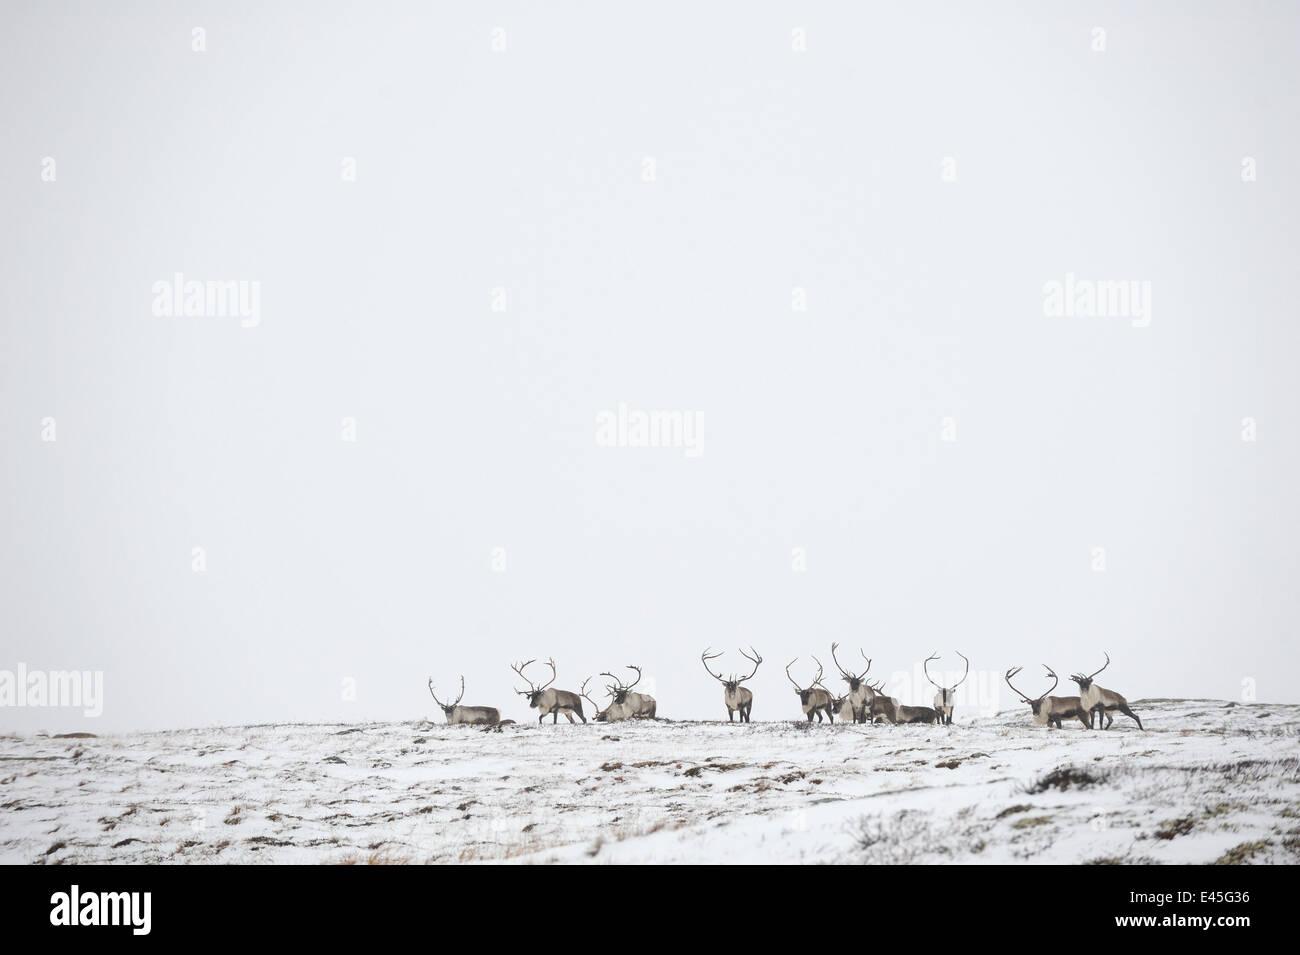 Reindeer (Rangifer tarandus) herd in distance in snow, Forollhogna National Park, Norway, September 2008 Stock Photo